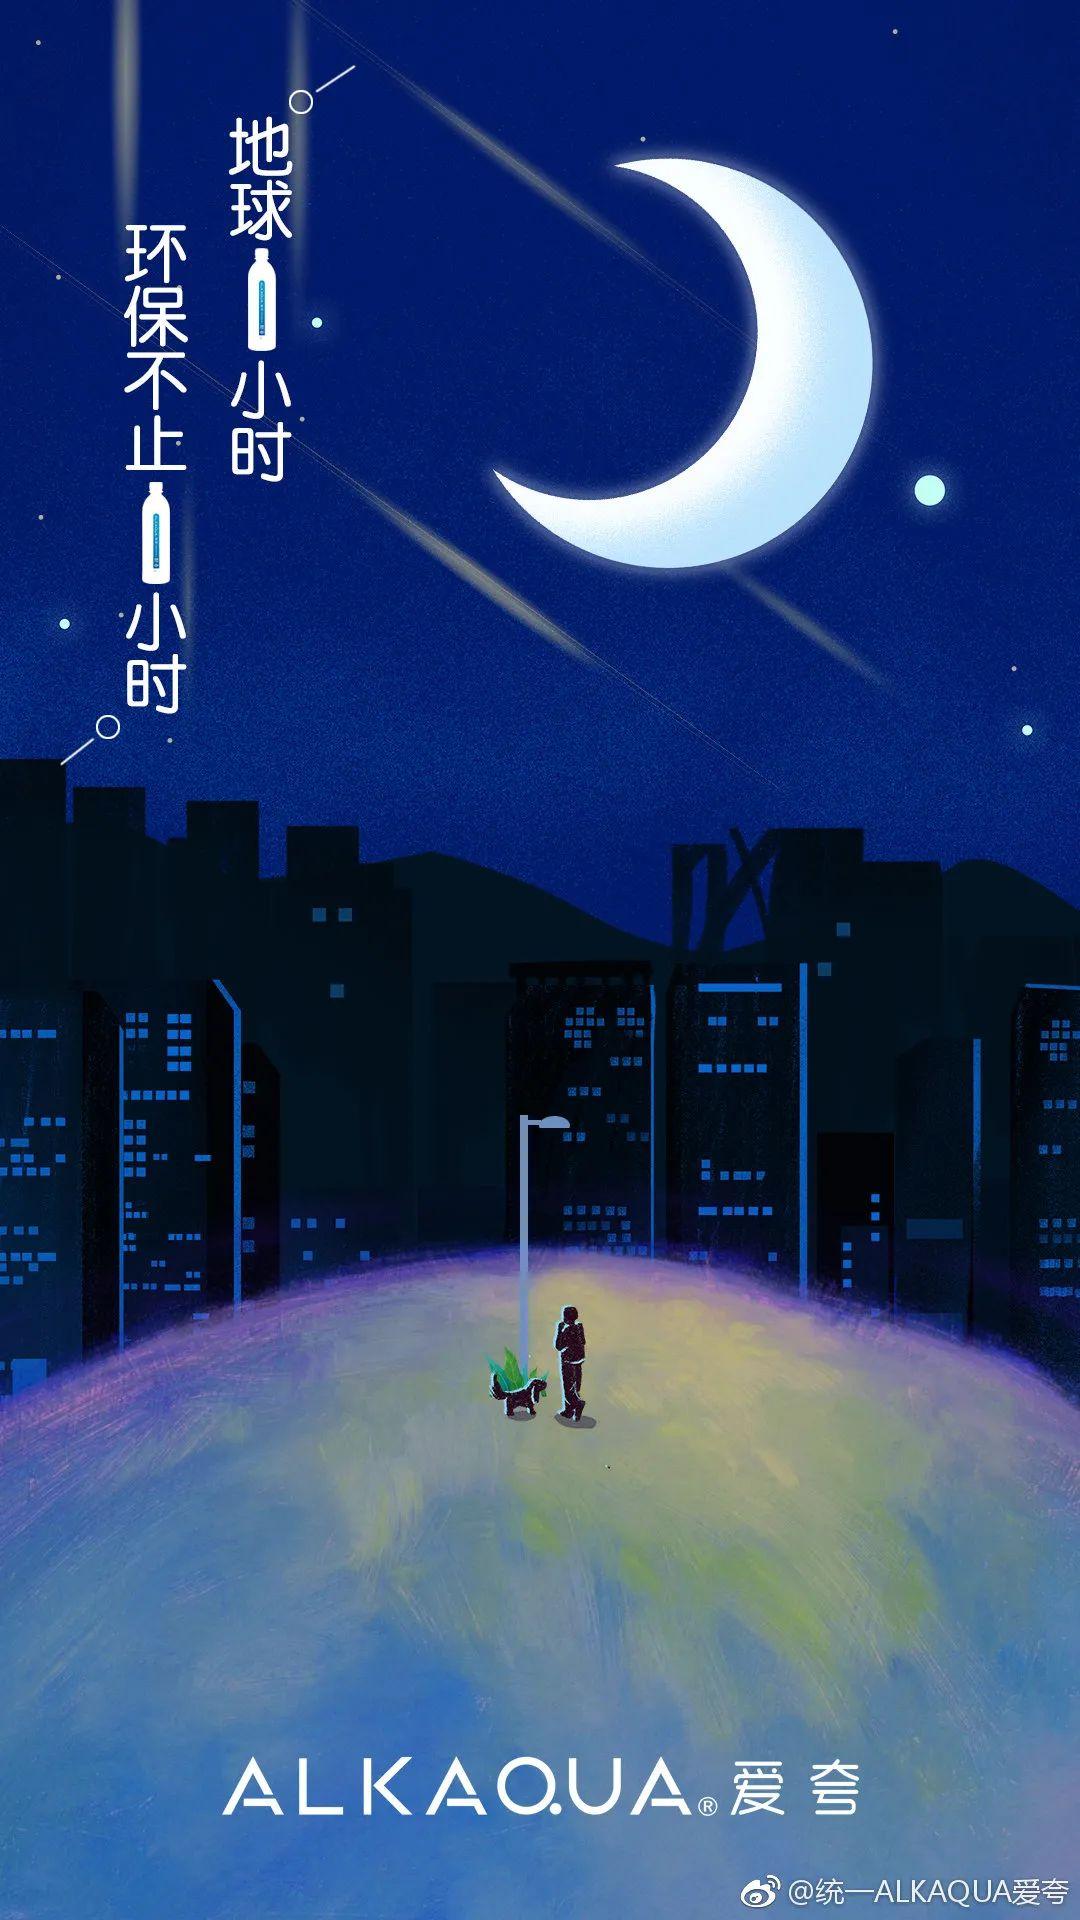 地球一小时文案海报:抬头发现天空中最亮的星!插图2